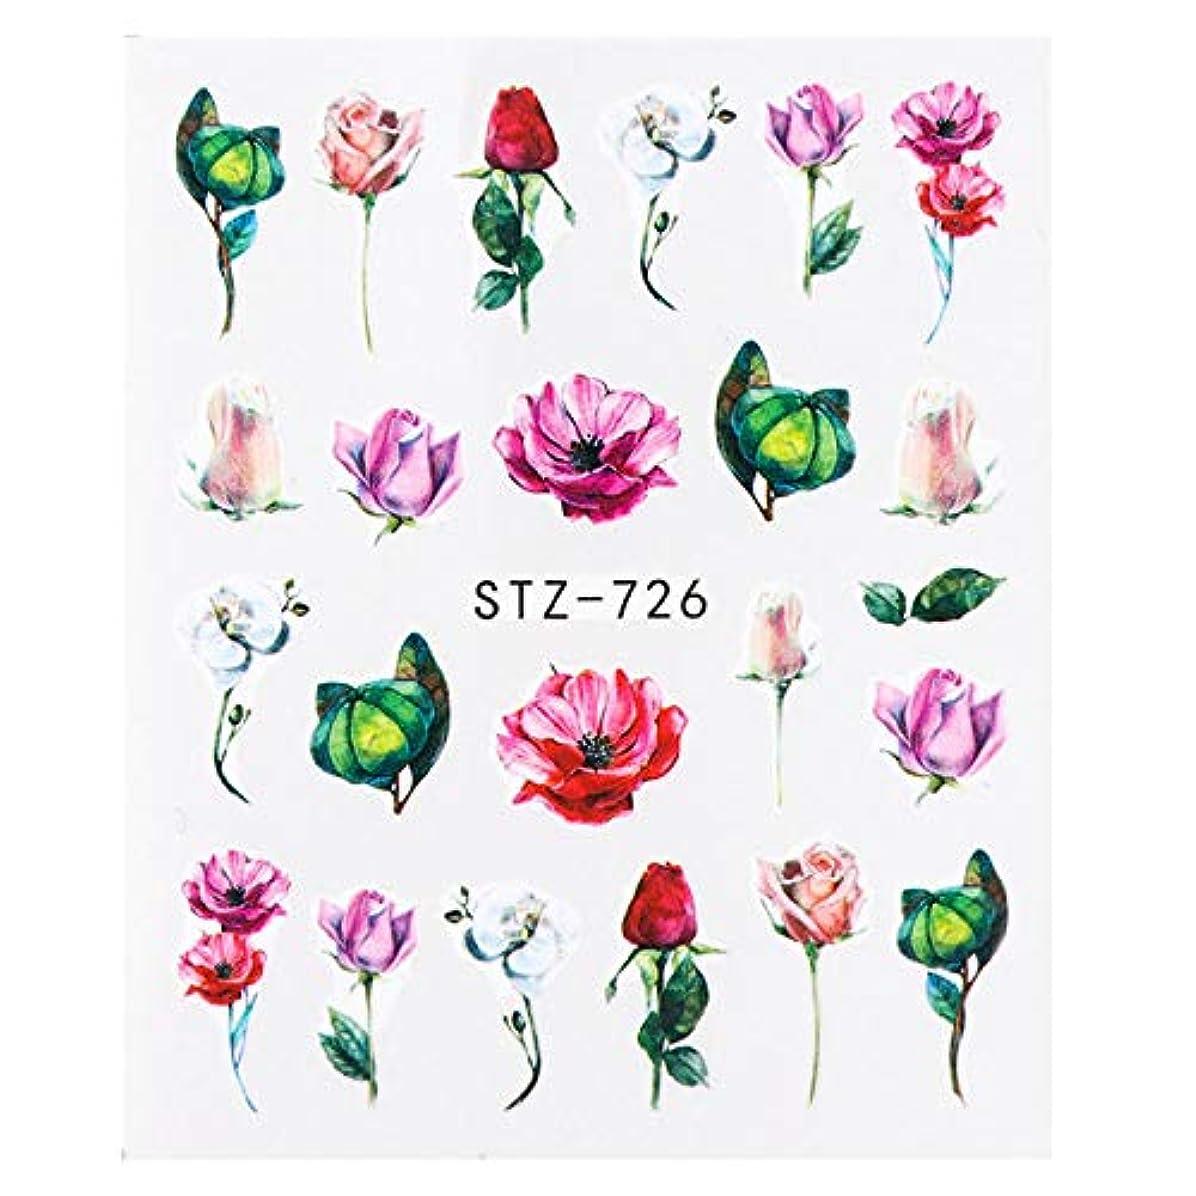 シャー鎮痛剤舗装SUKTI&XIAO ネイルステッカー 1ピース花ネイルステッカー水デカールフローラ一時的な入れ墨スライダー用ネイルアート装飾マニキュア